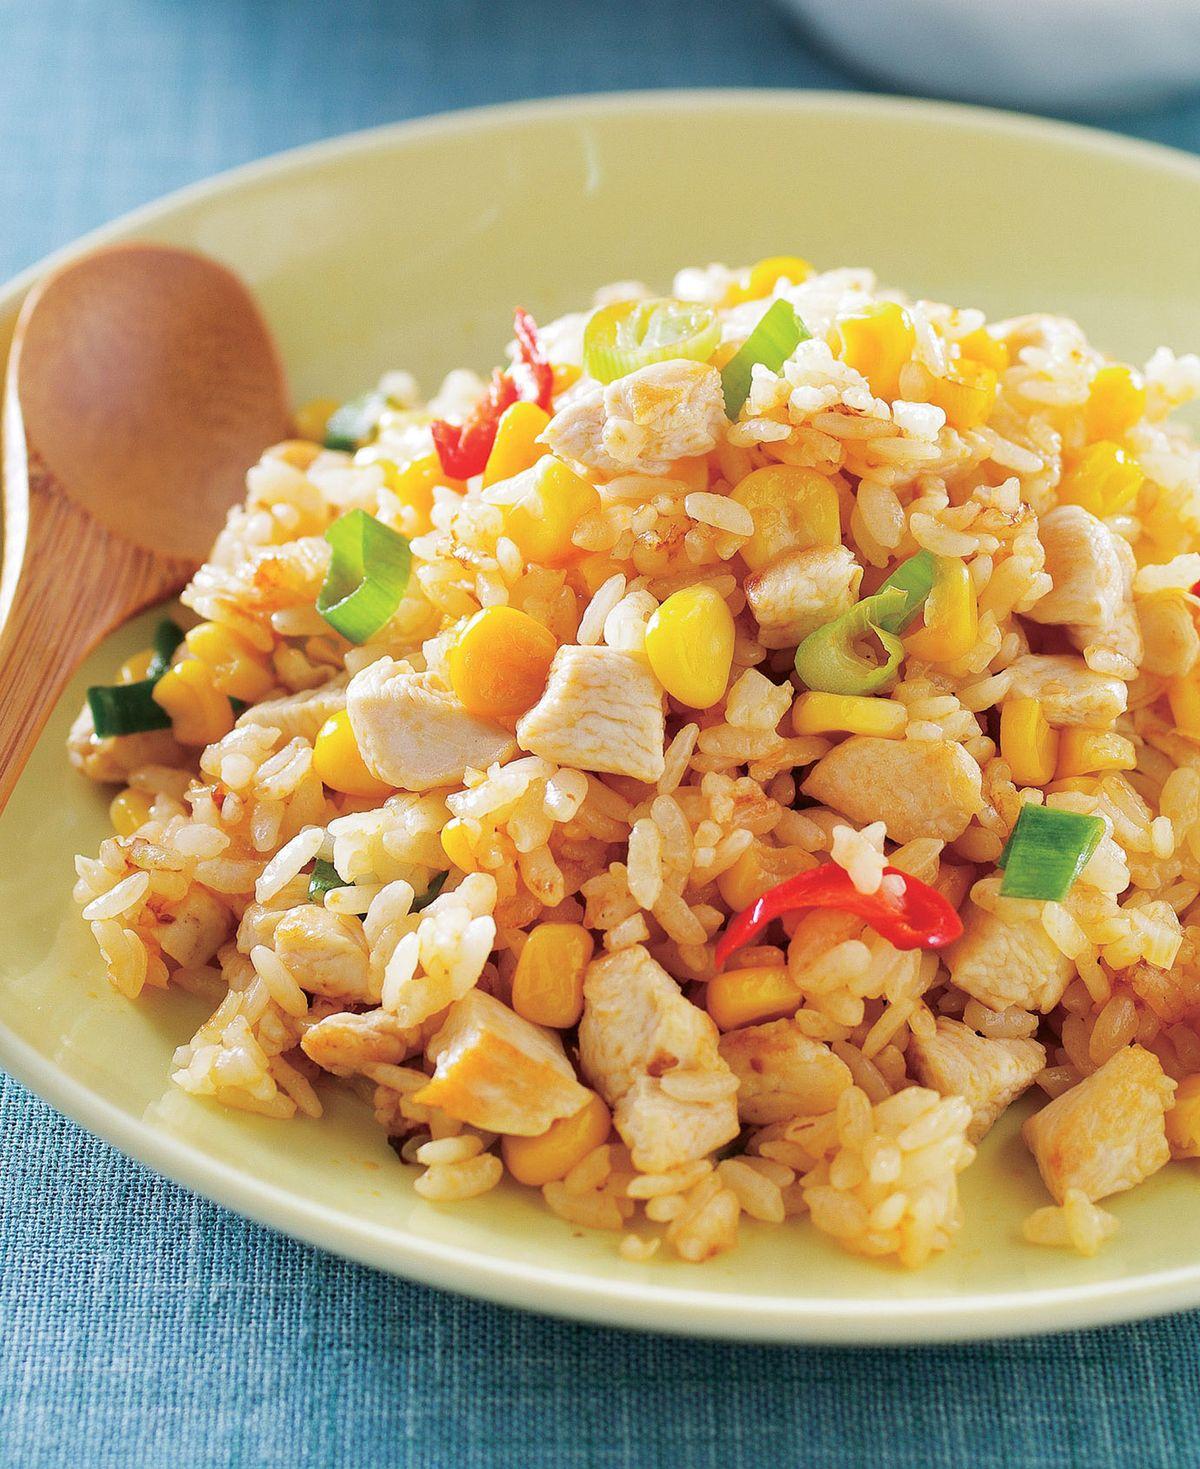 食譜:酸辣雞粒炒飯